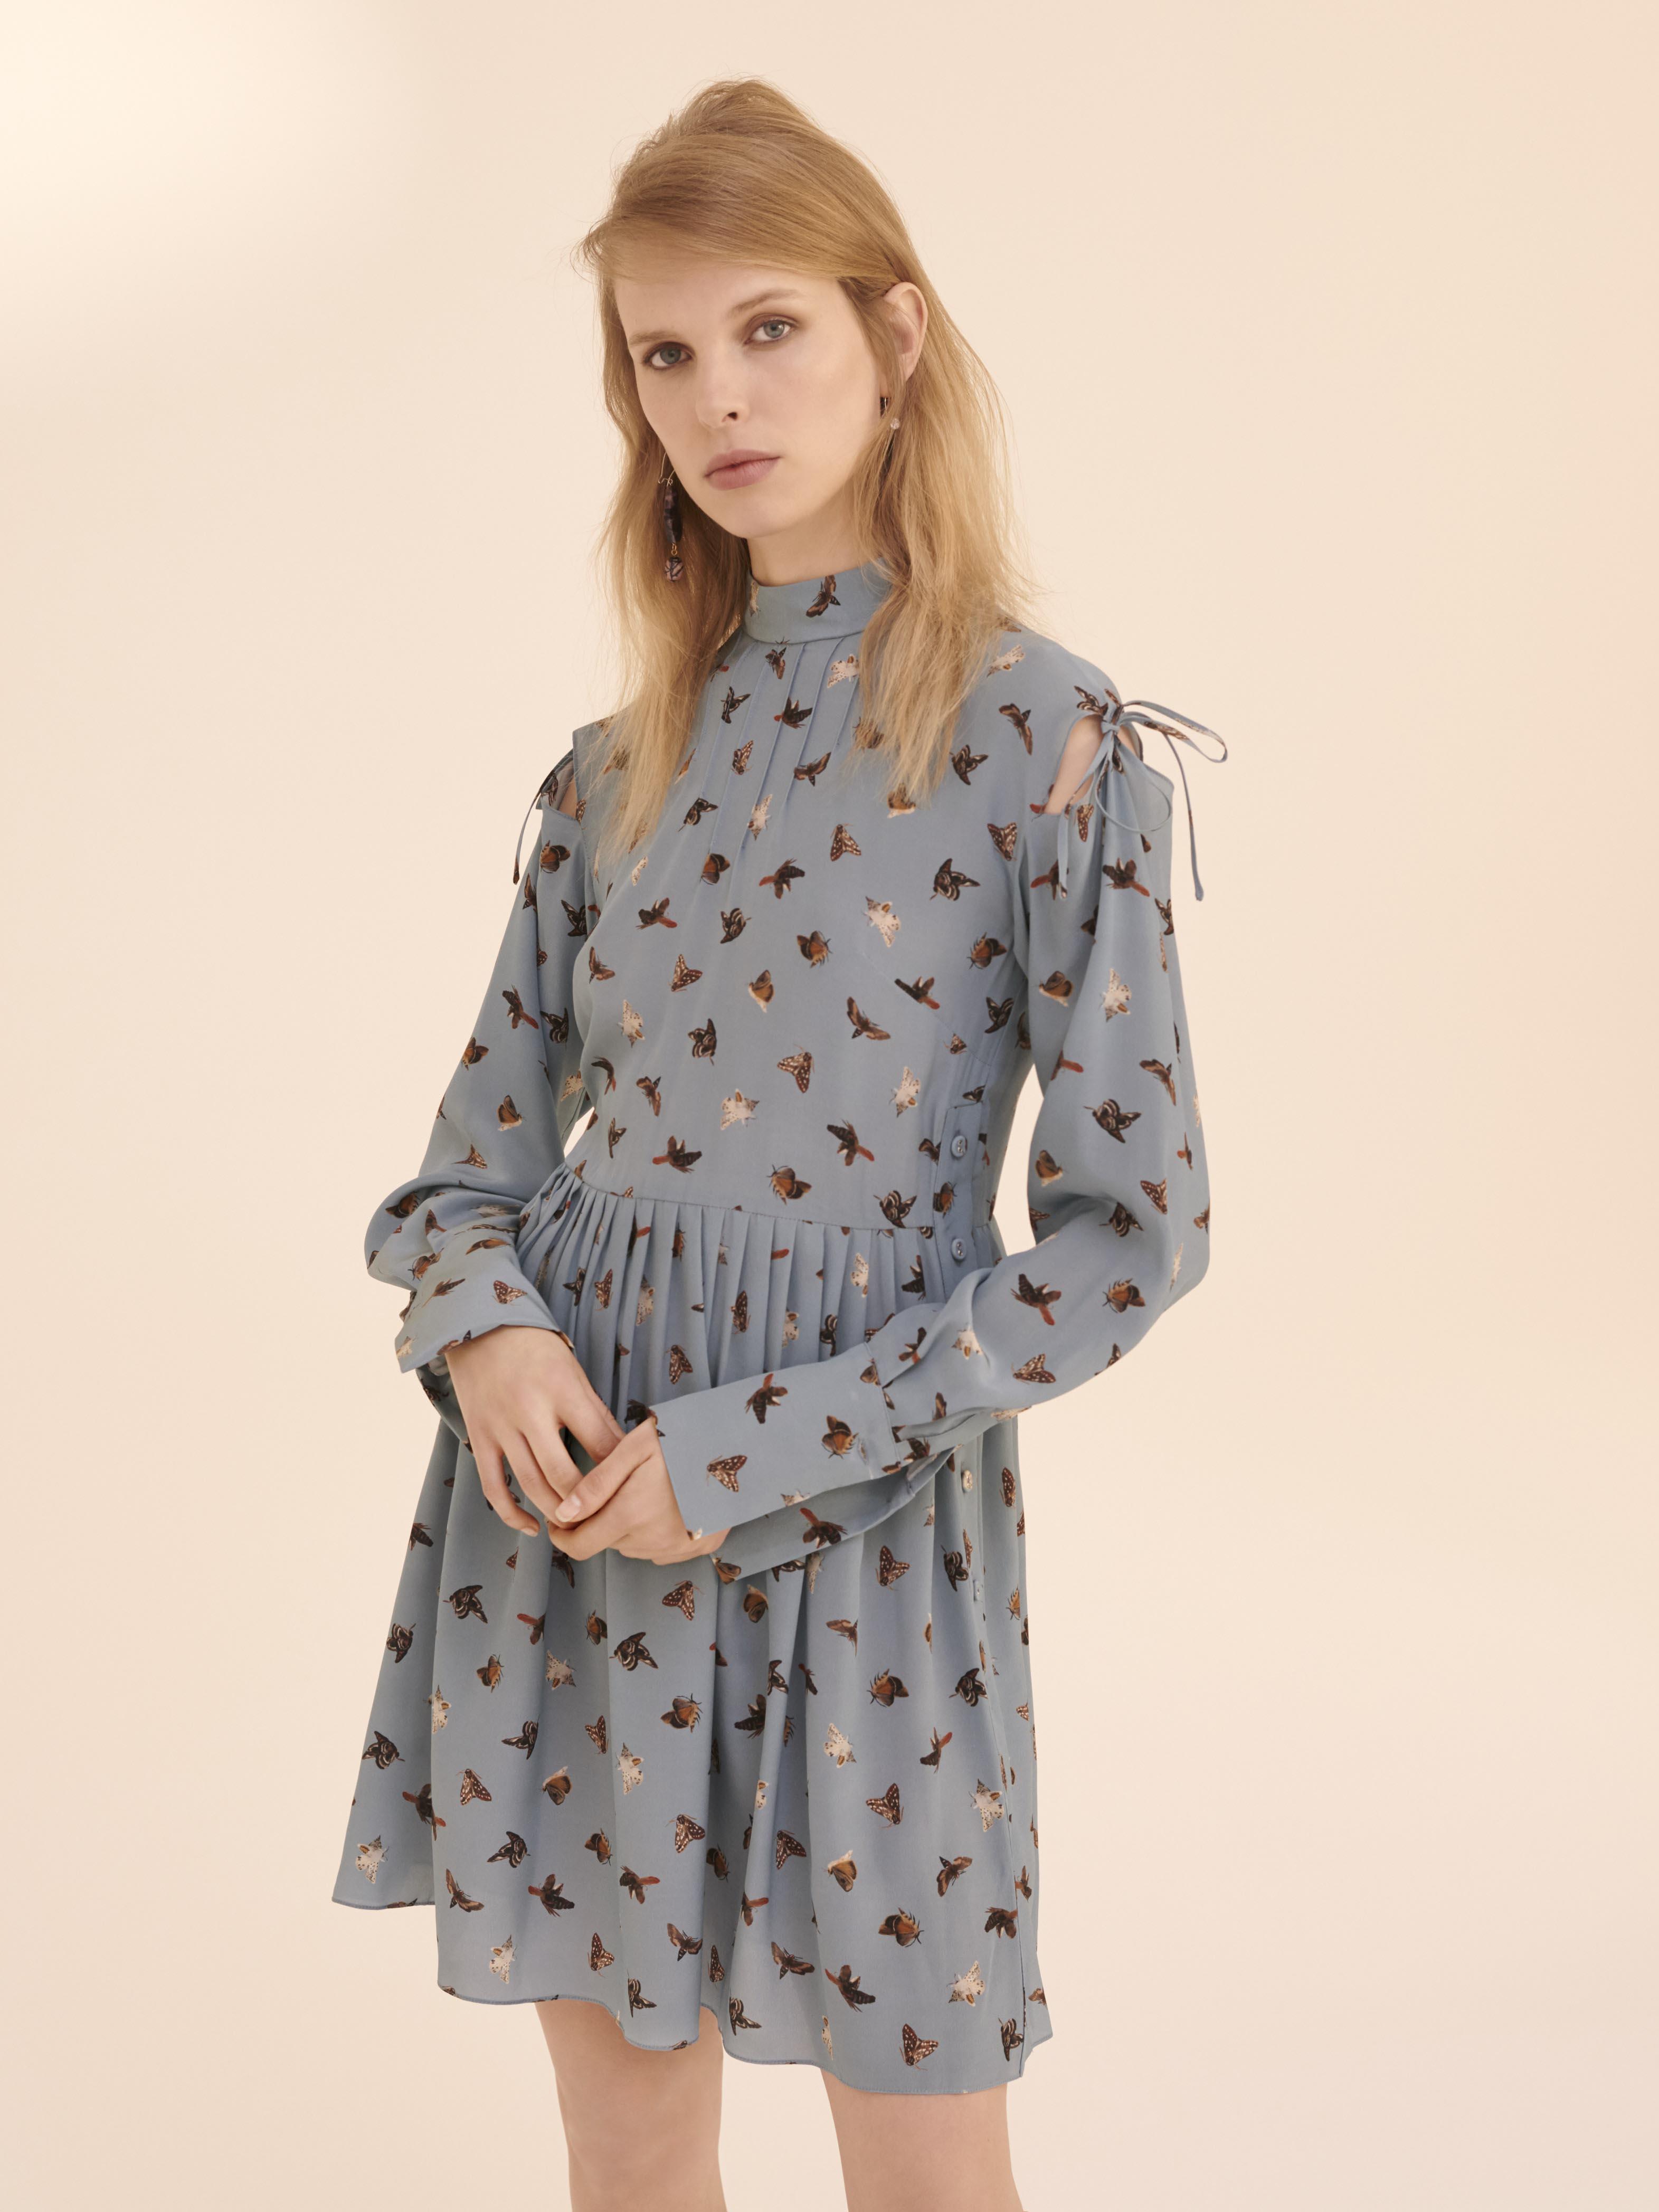 TOPSHOP Unique, Campion Dress $560